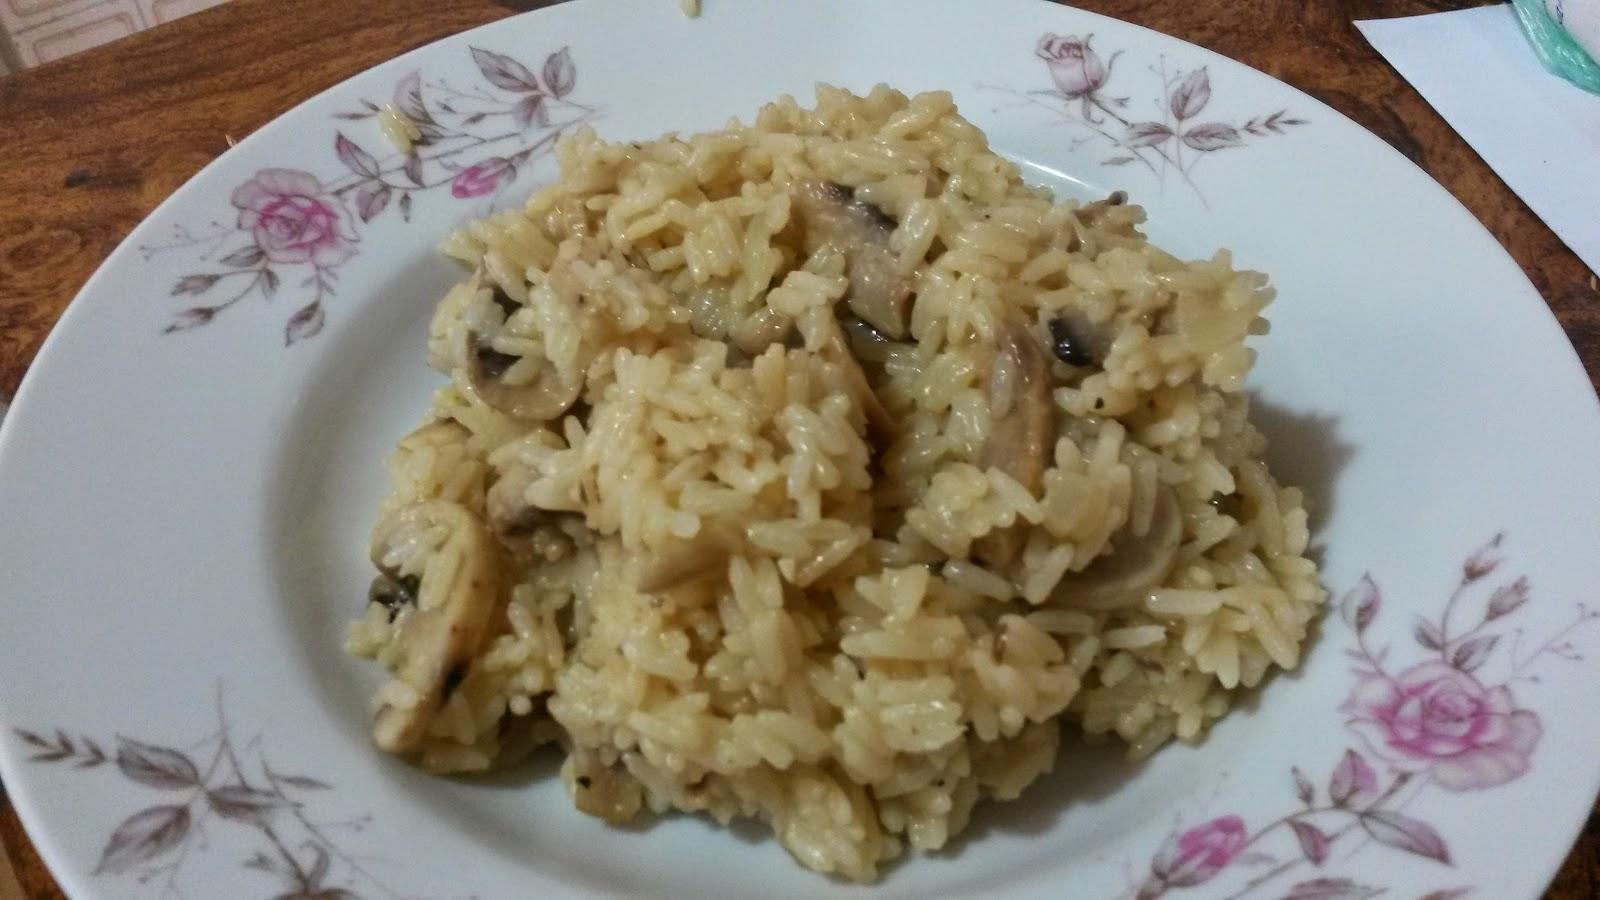 Risotto con salm n y champi ones como cocinar y for Como cocinar risotto